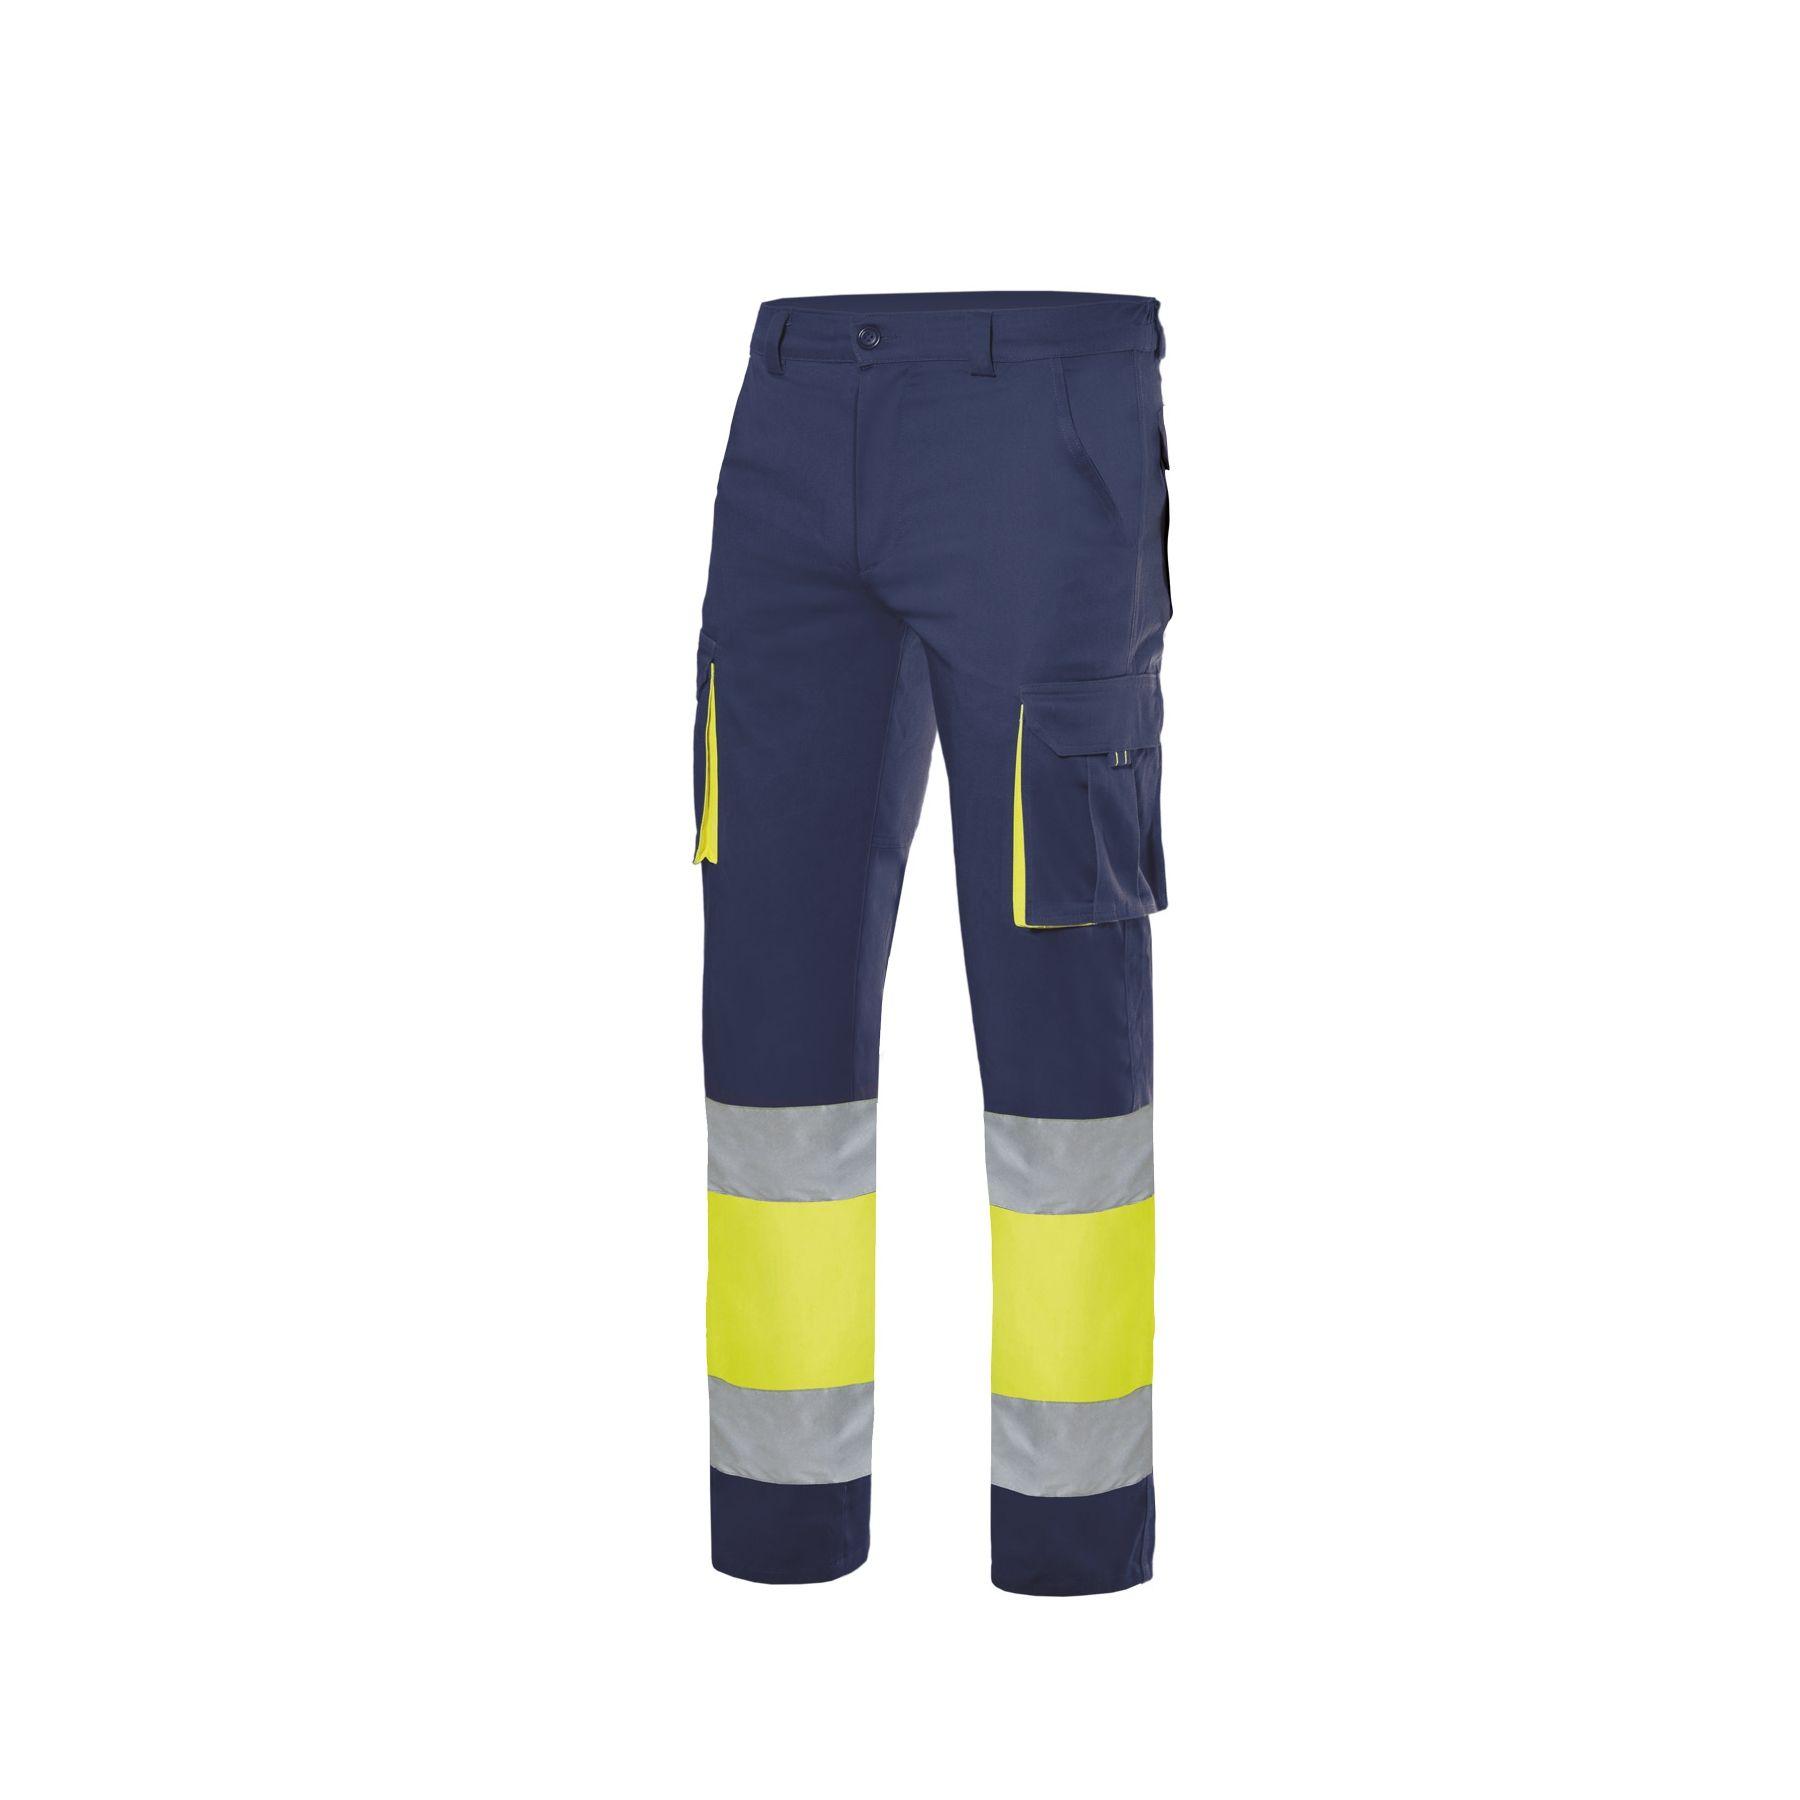 Pantalón stretch bicolor multibolsillos alta visibilidad (ref: 303002S)